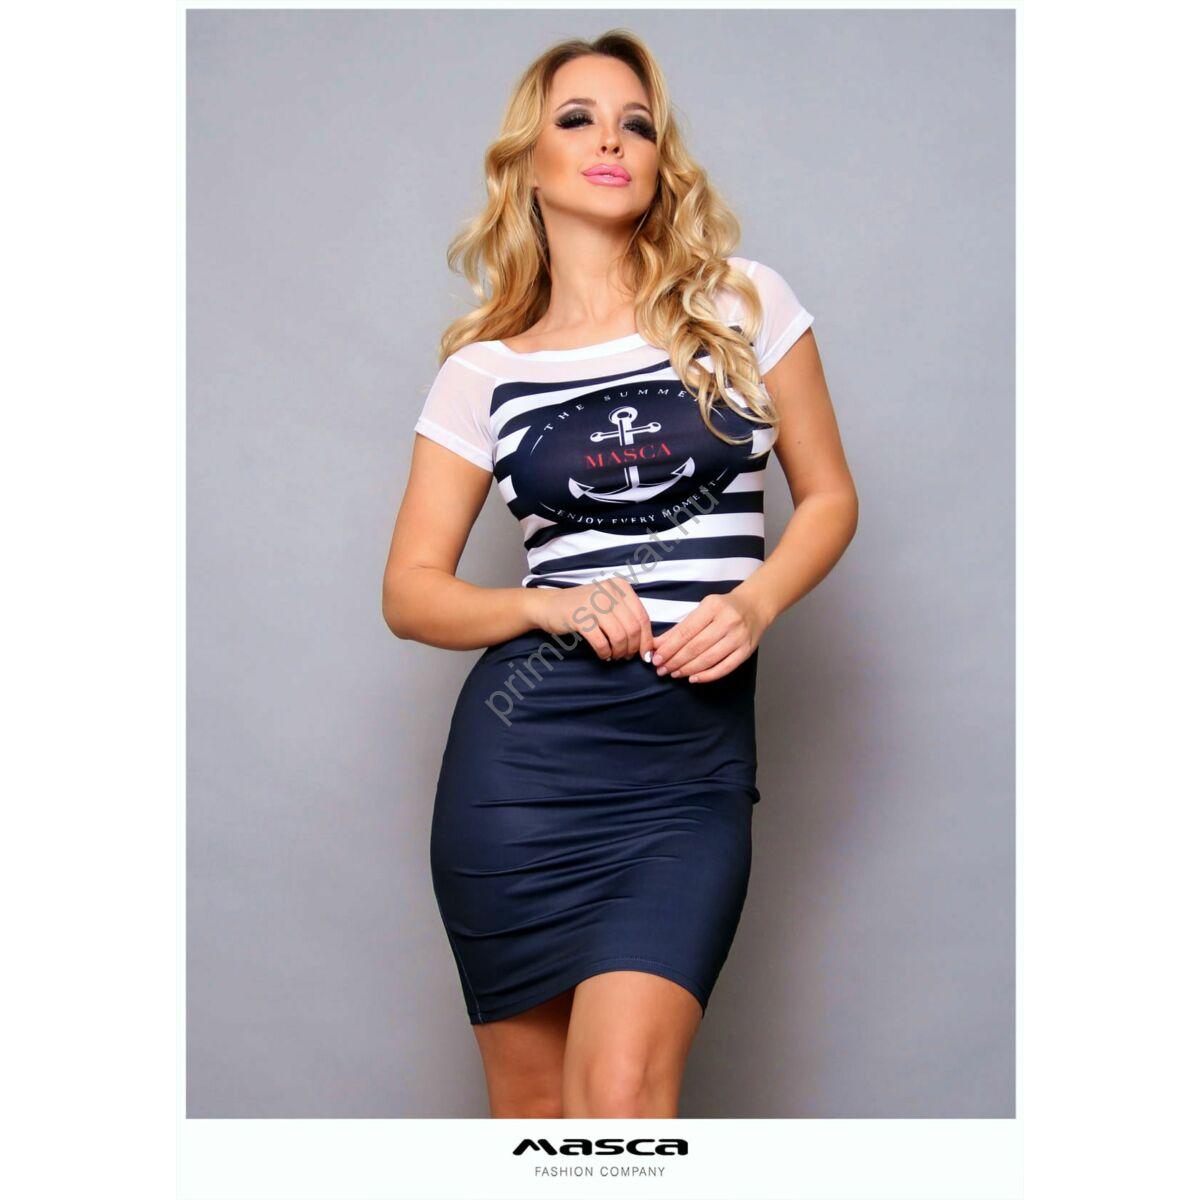 Masca Fashion tengerészkék-fehér csíkos felsőrészű, necc betétes rövid ujjú szűk miniruha, mellén márkafeliratos horgonymintával